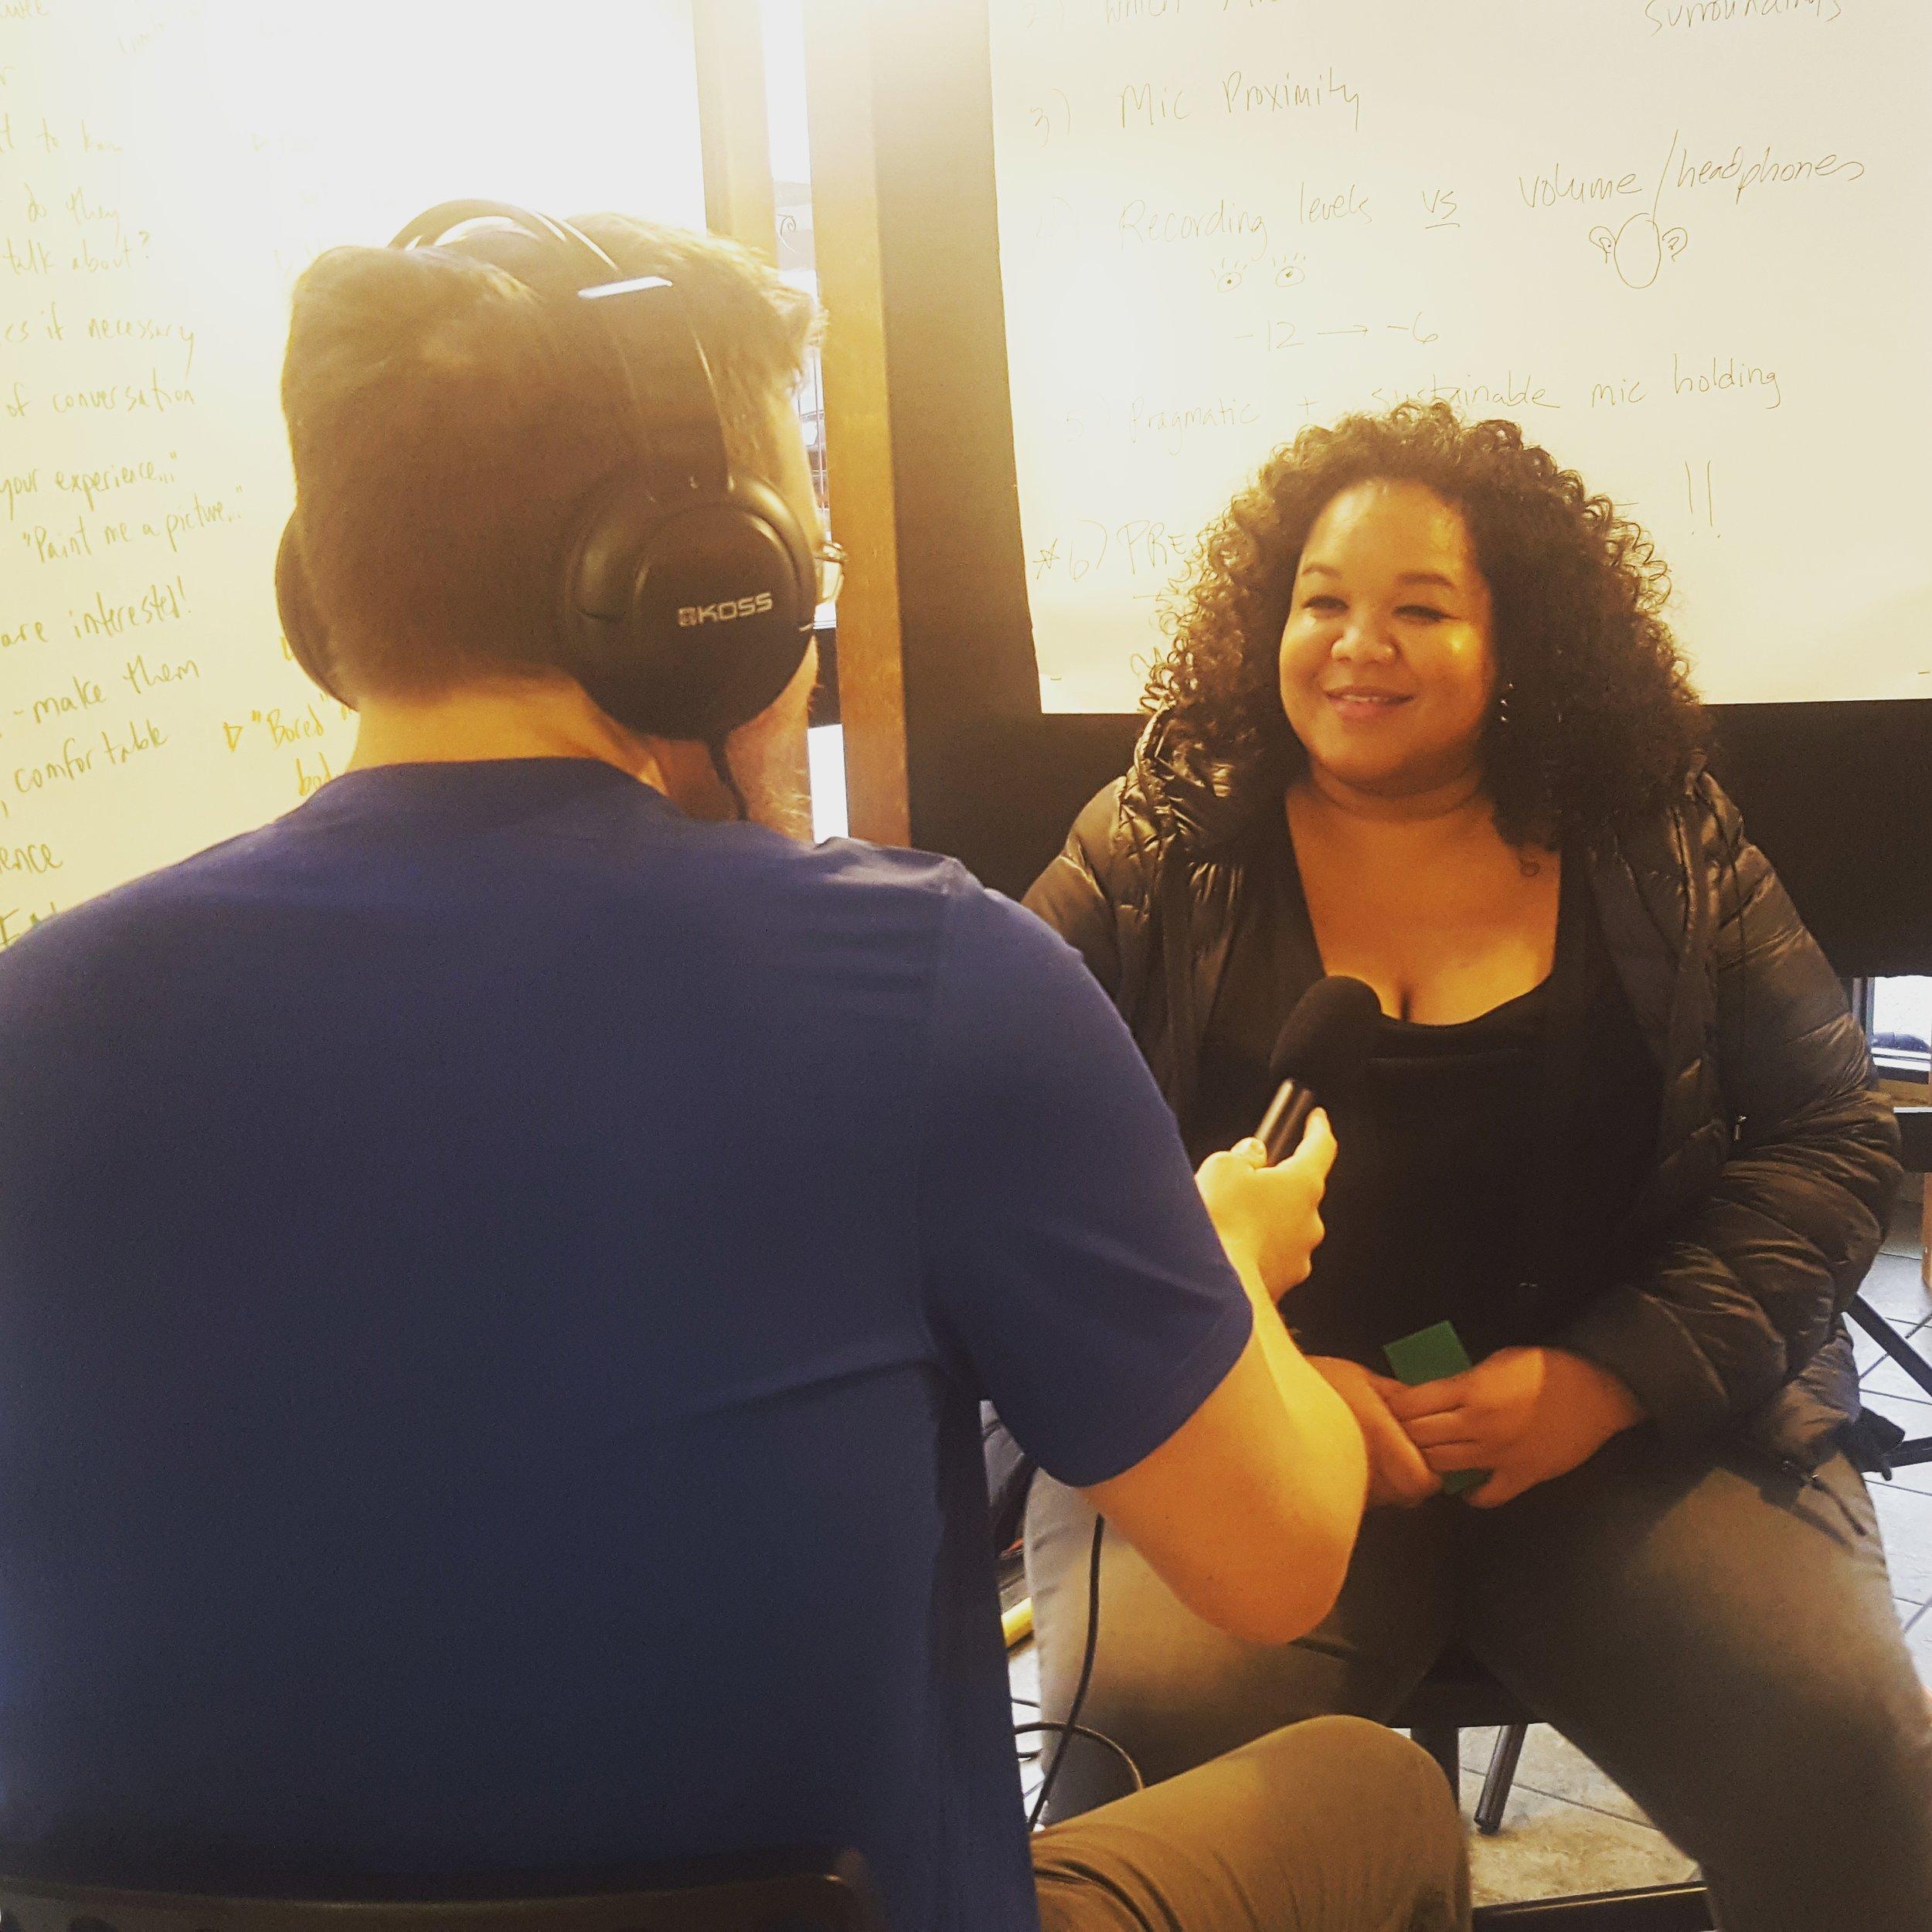 John Walker interviews Lulu Carpenter in an interviewing workshop at Shelf Life